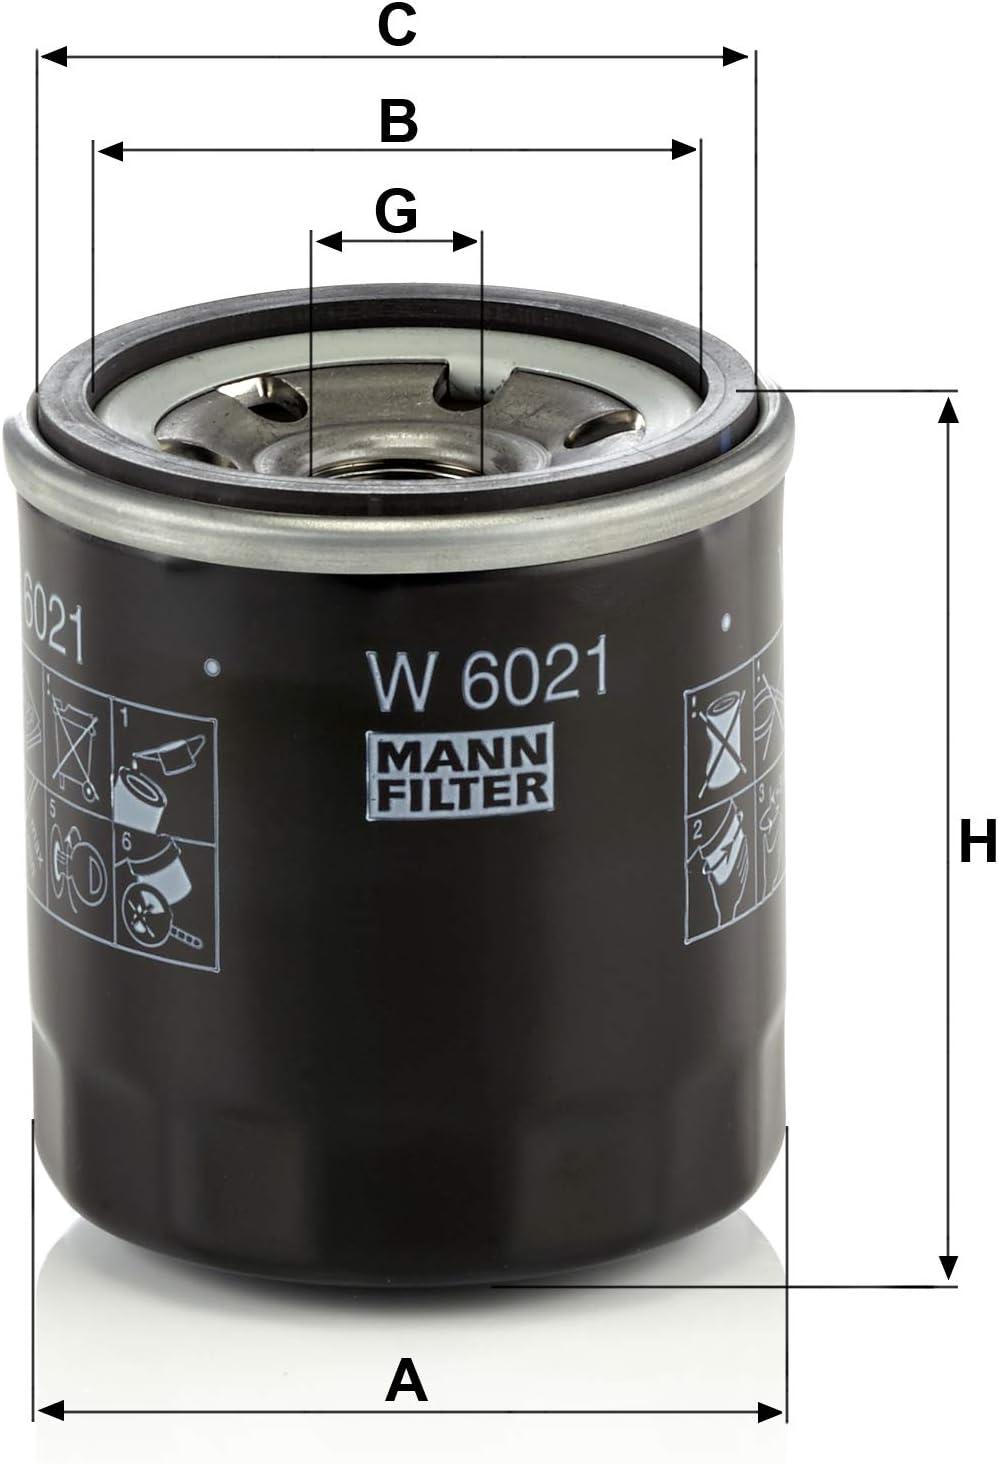 Original Mann Filter Ölfilter W 6021 Für Pkw Auto